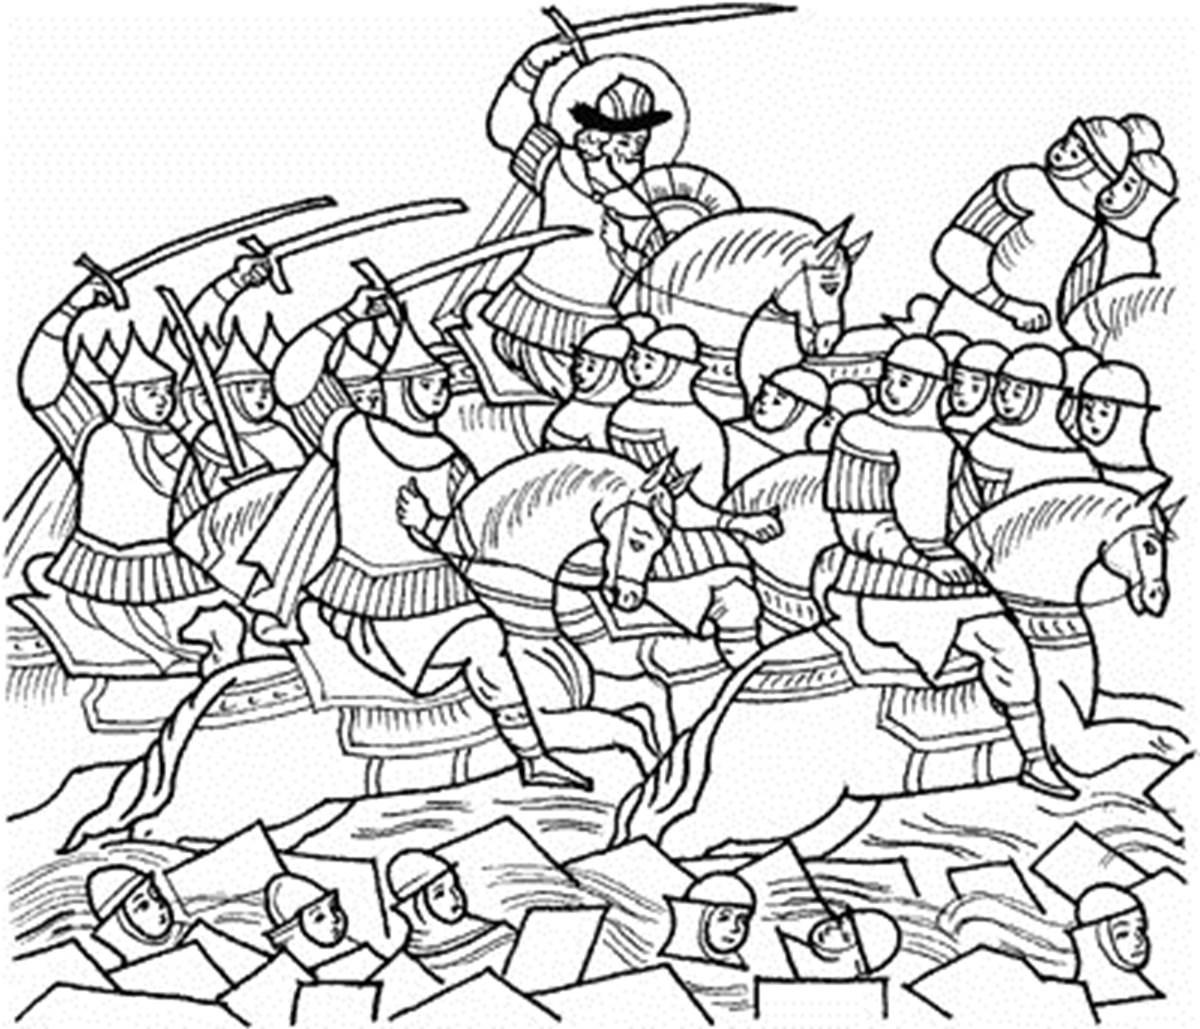 куликовская битва картинка для раскрашивания часы вещь дорогая